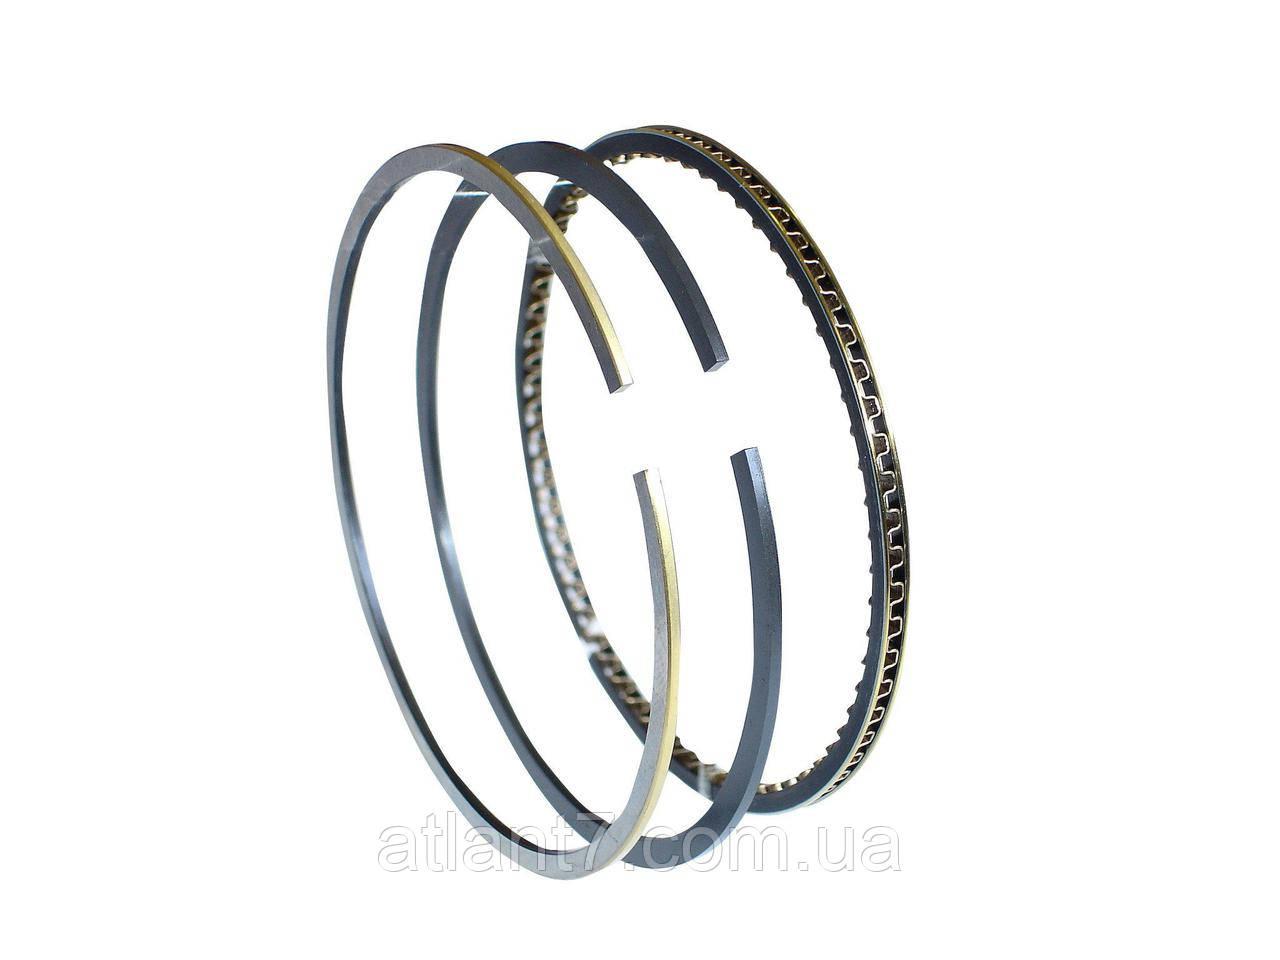 Поршневые кольца мотоблок 68 мм